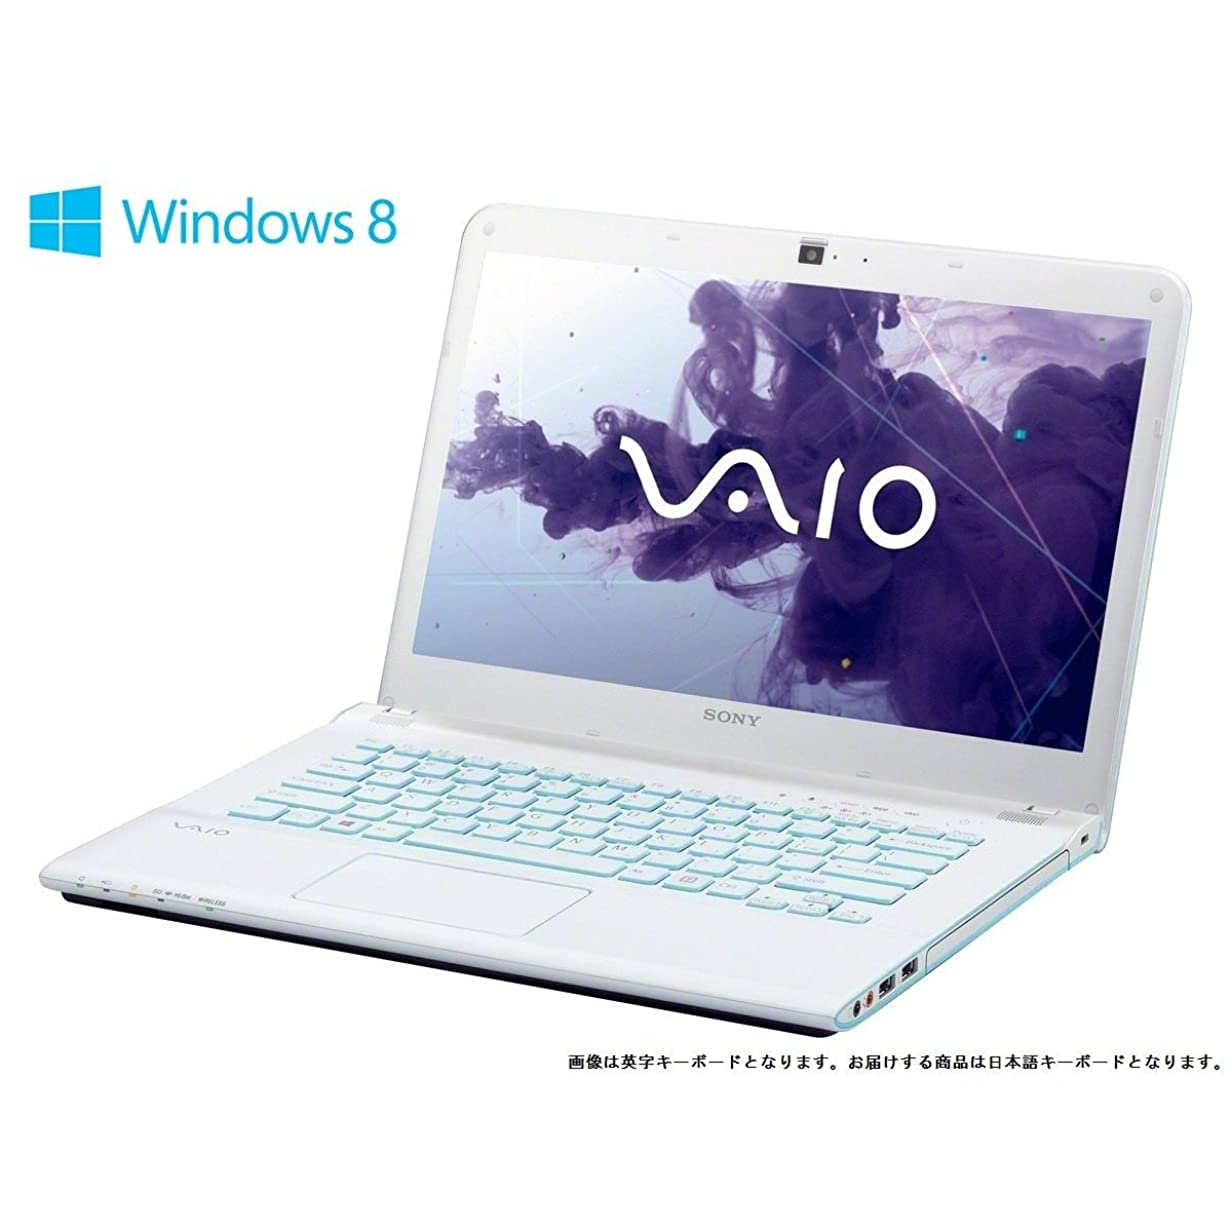 排除するウール忍耐2012秋冬モデル SONY VAIO ノート Eシリーズ14P 14型ワイド液晶 ホワイト intel Core i5(2.50GHz) メモリー4GB HDD約500GB DVDスーパーマルチドライブ 802.11bgn Windows8 64ビット Officeなし 3年保証